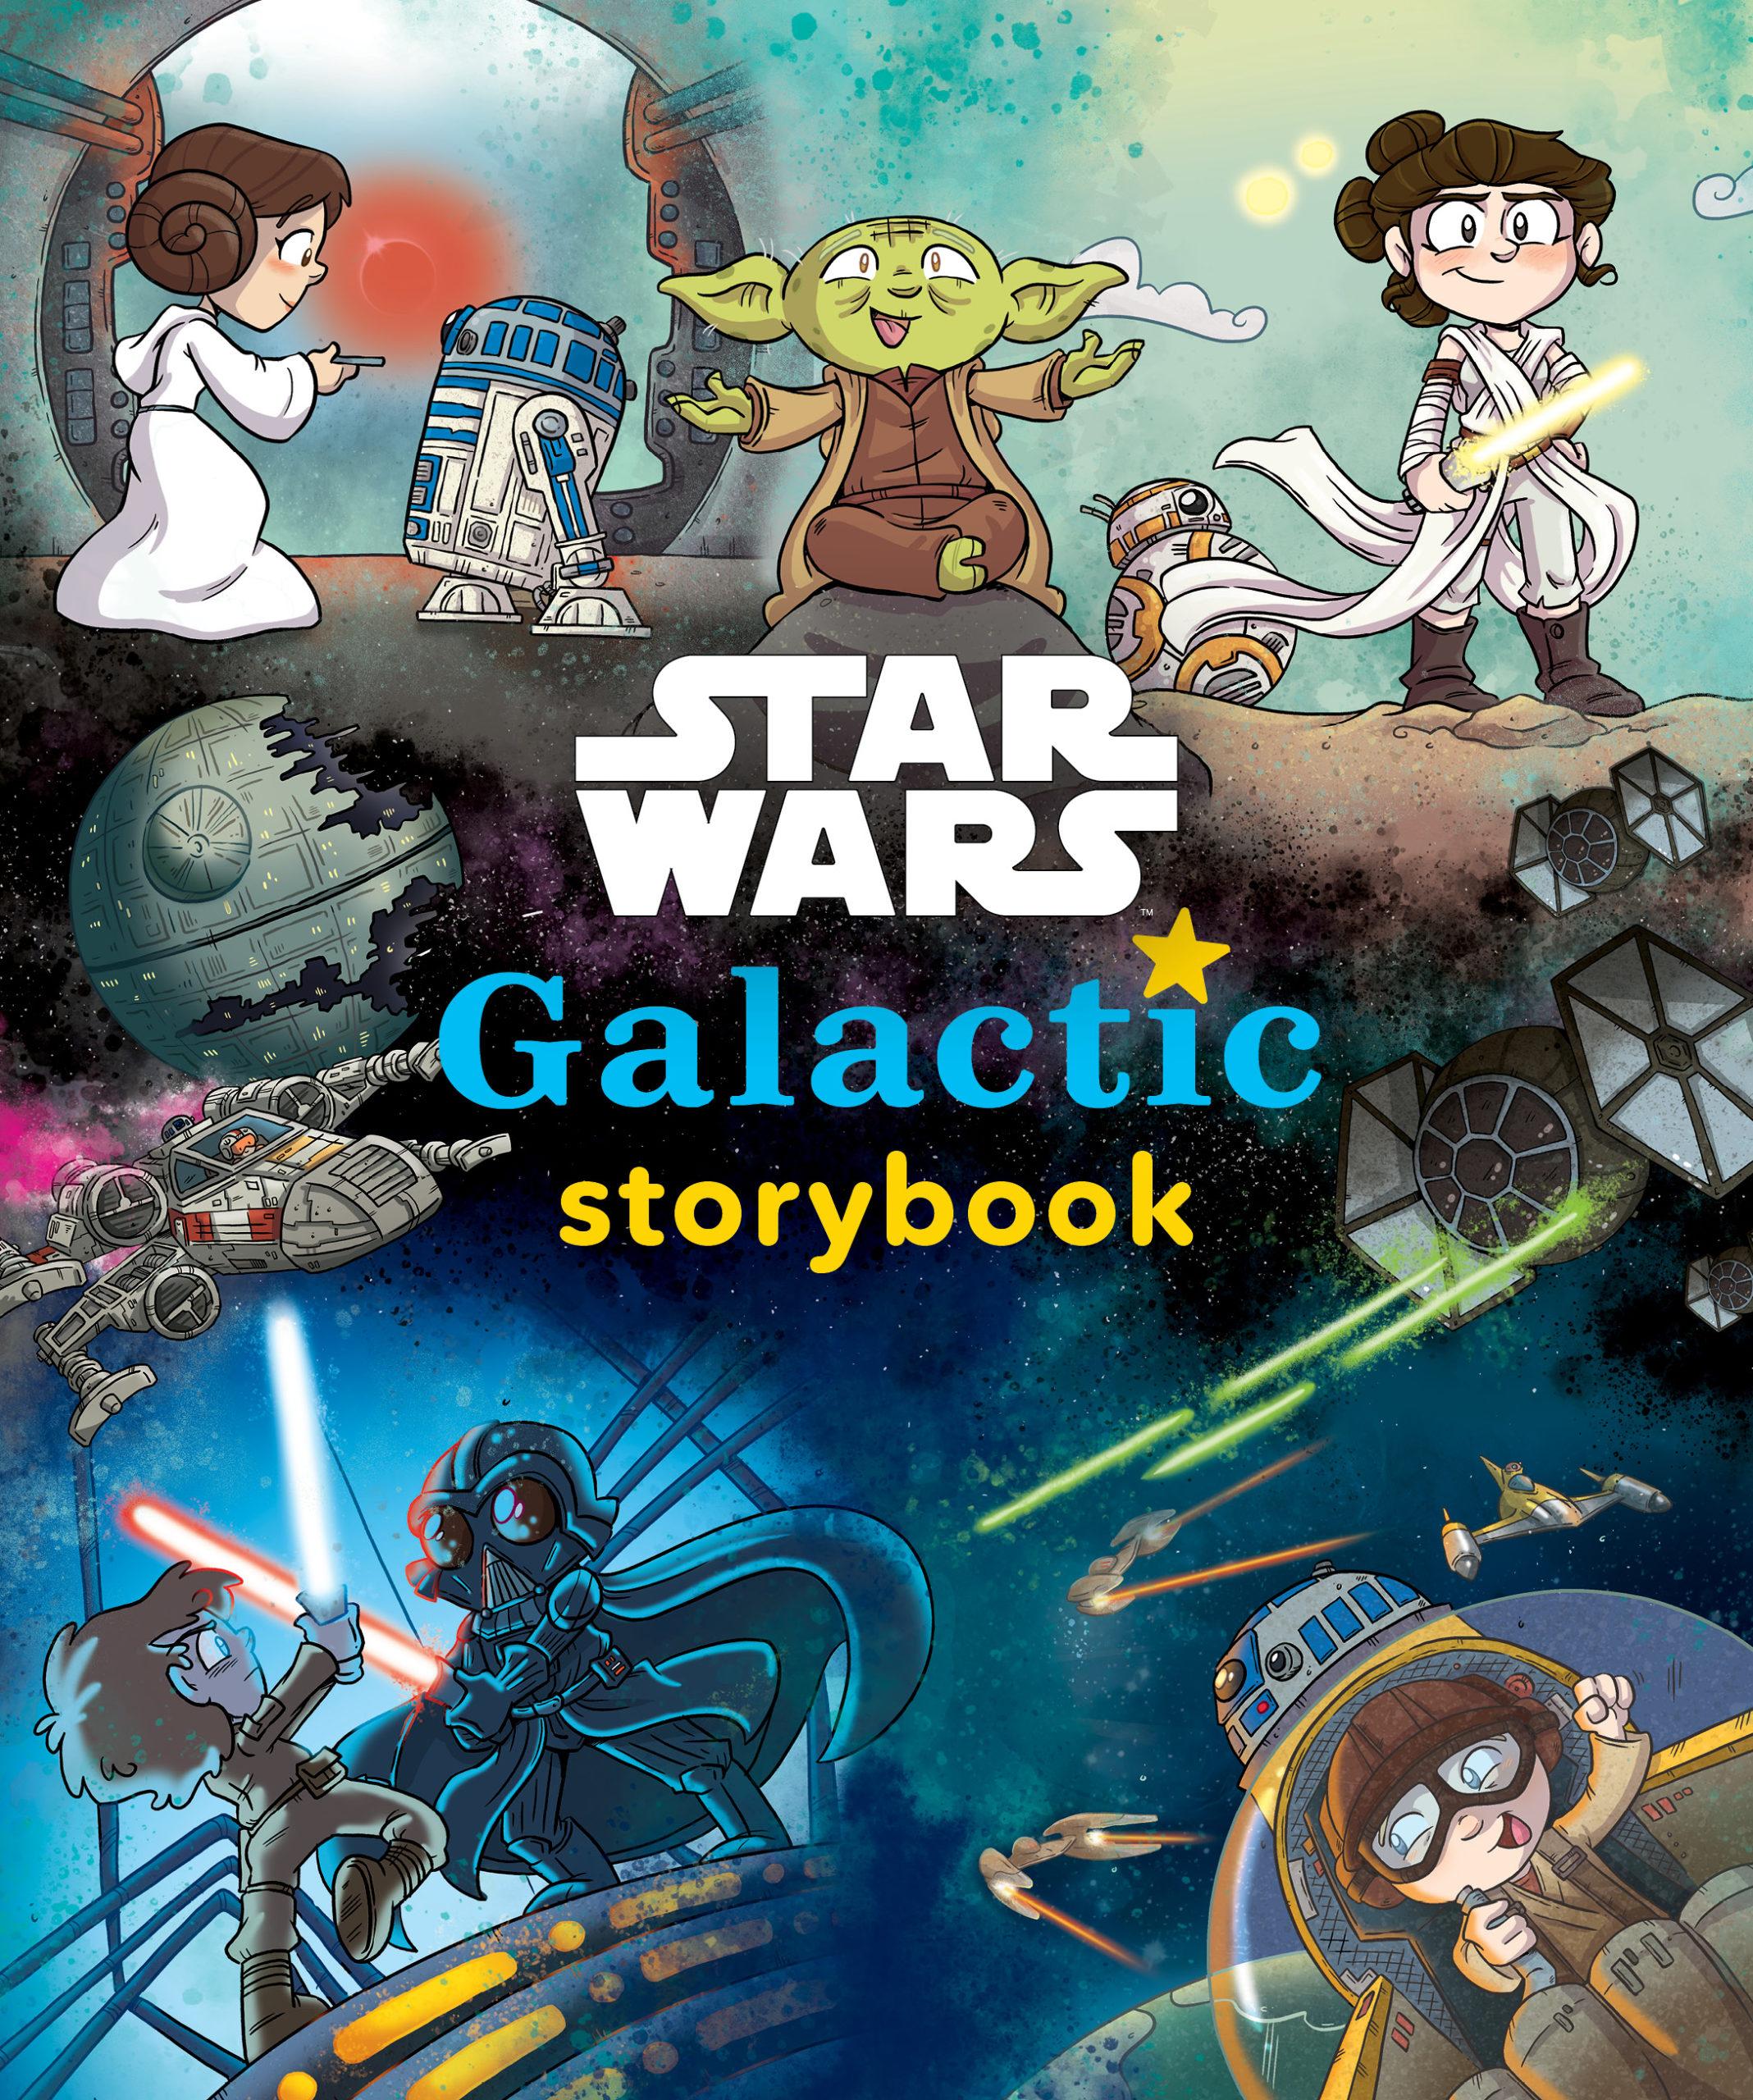 Galactic Storybook (05.01.2021)